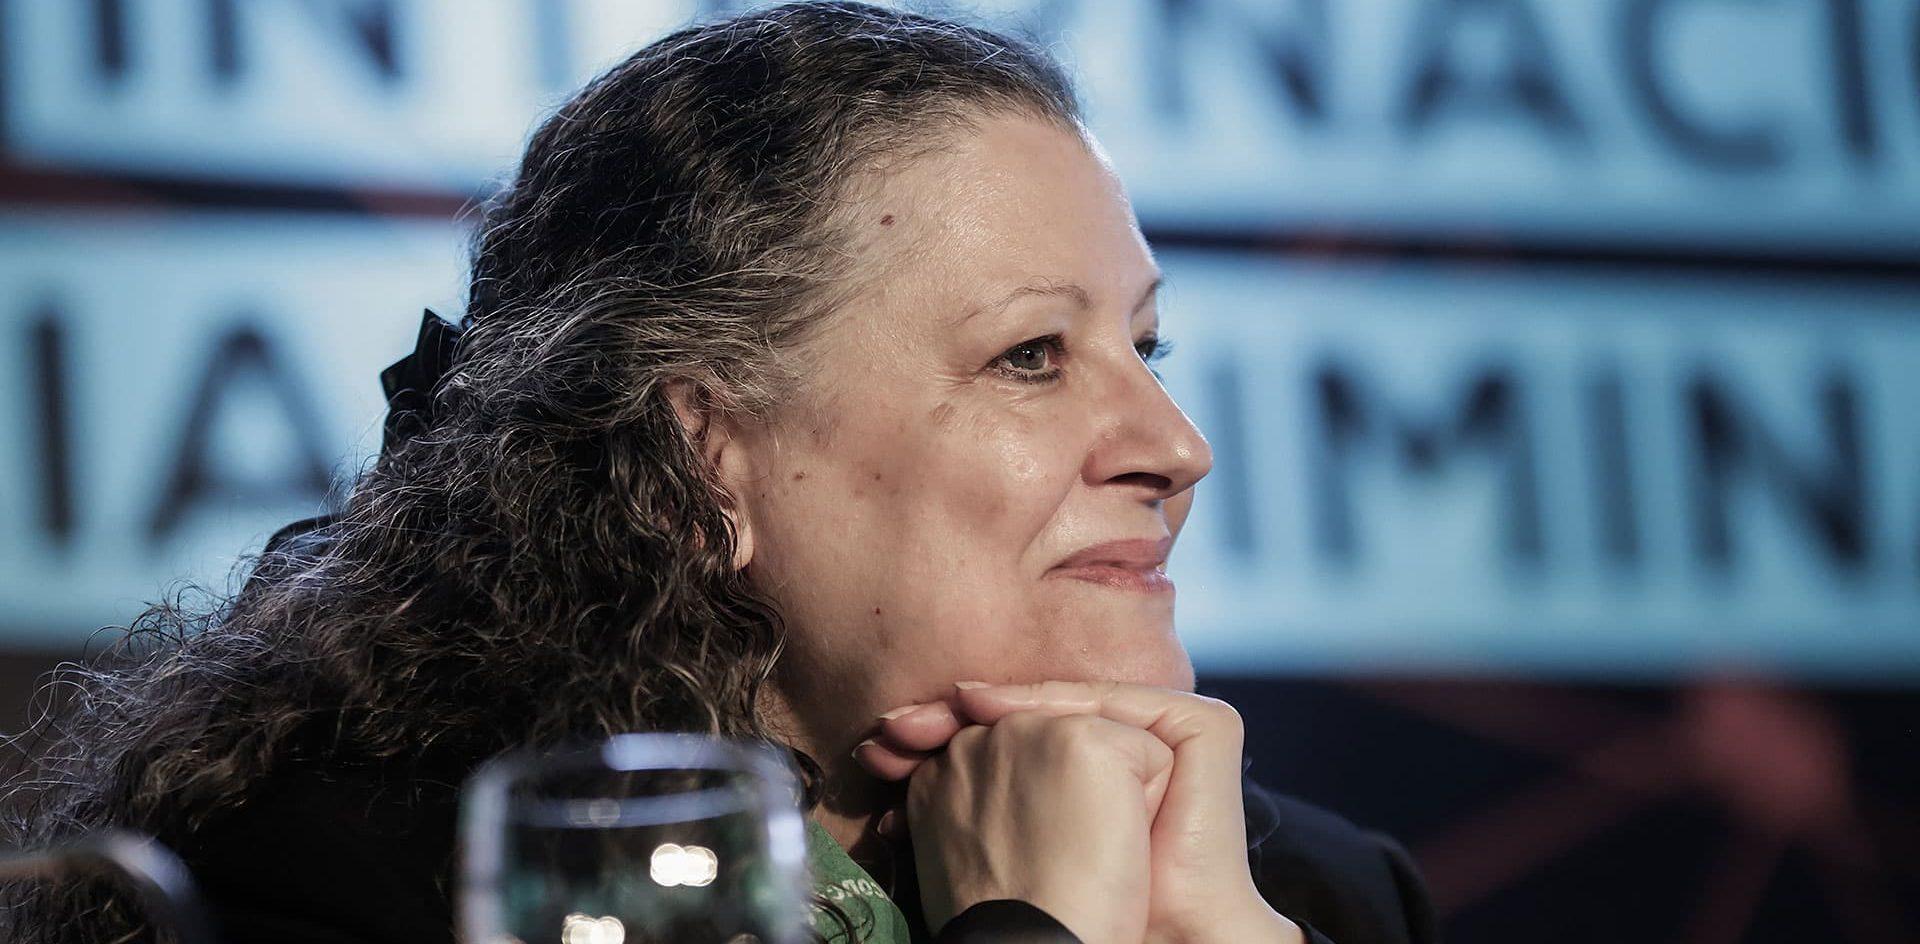 """Diana Maffía: """"Un Estado patriarcal como el nuestro no nos va a ofrecer respuestas feministas"""""""